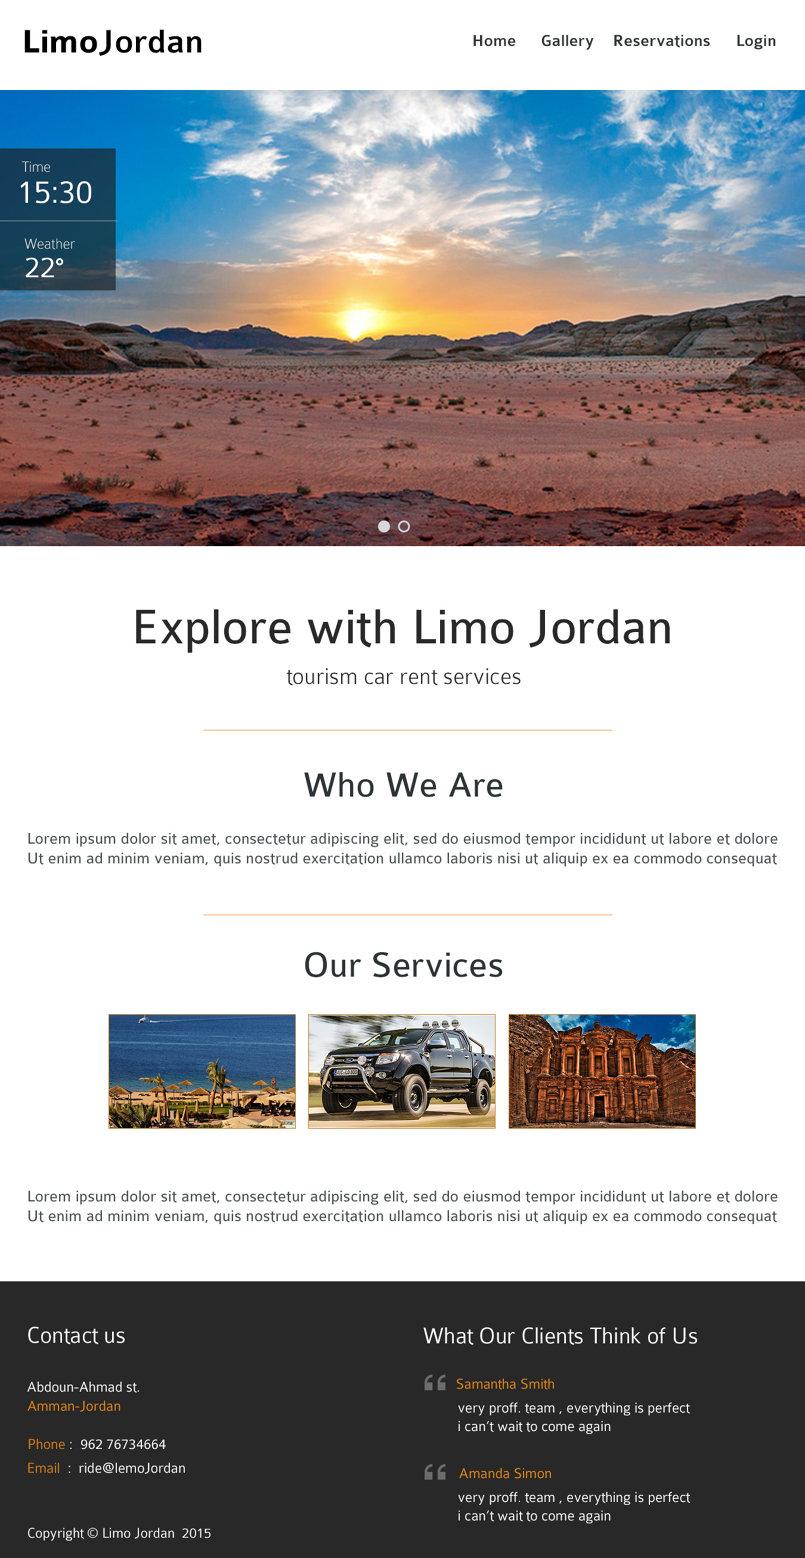 Limo Jordan